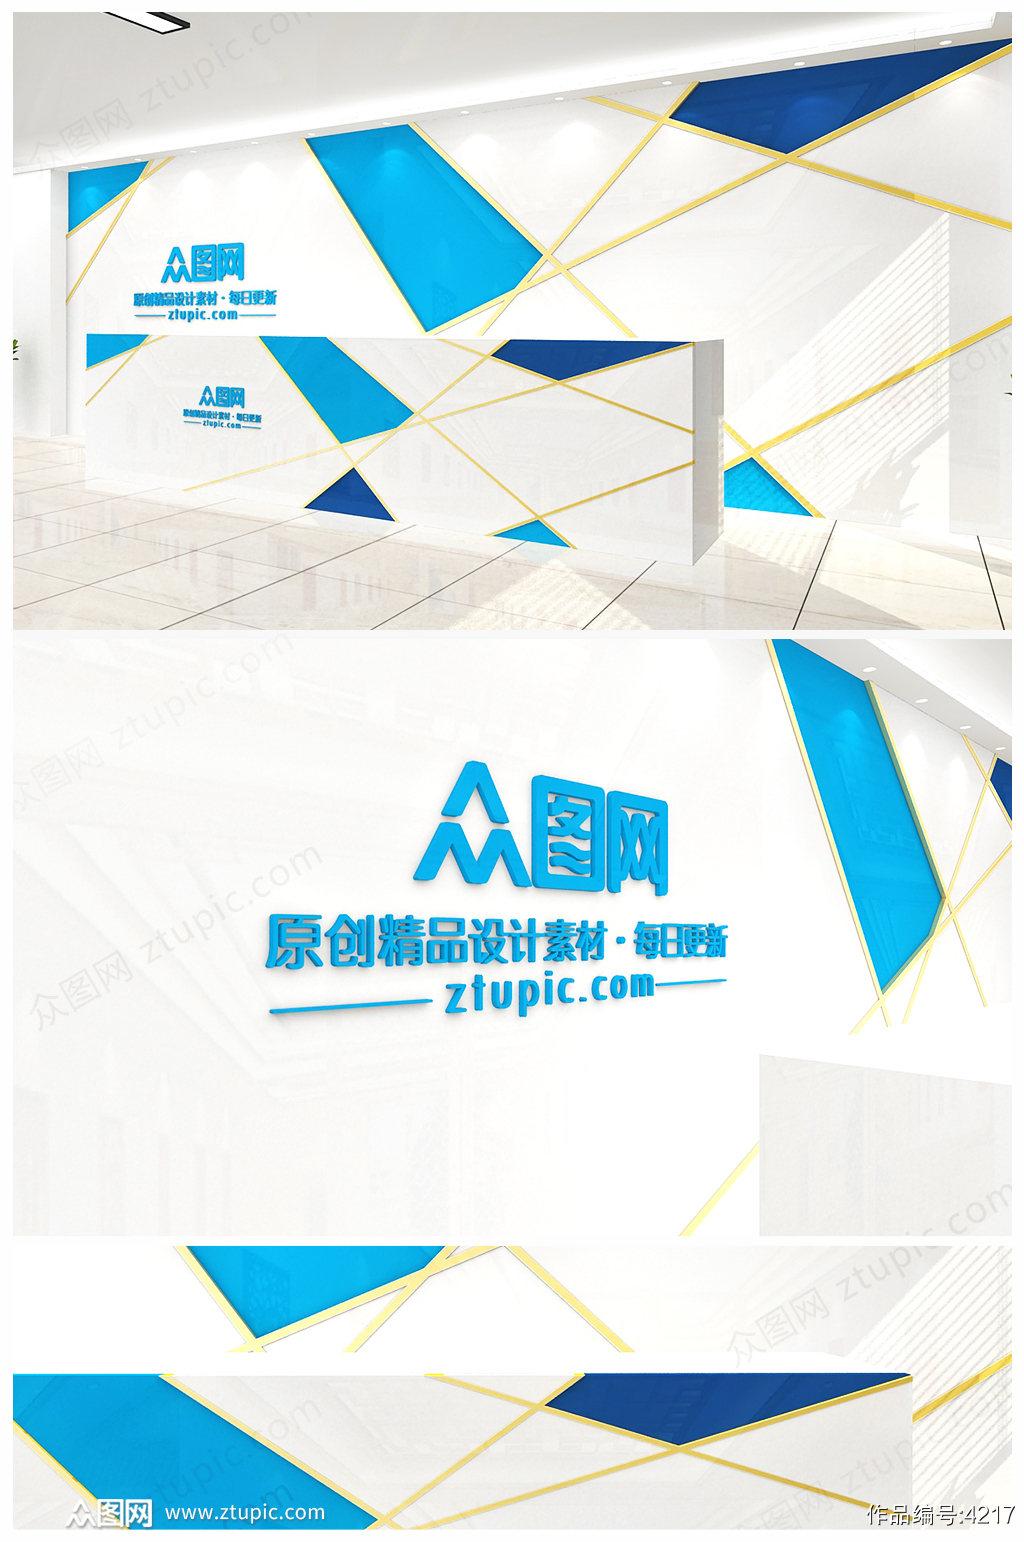 原创创意企业形象墙logo墙前台接待台公司名称背景墙素材